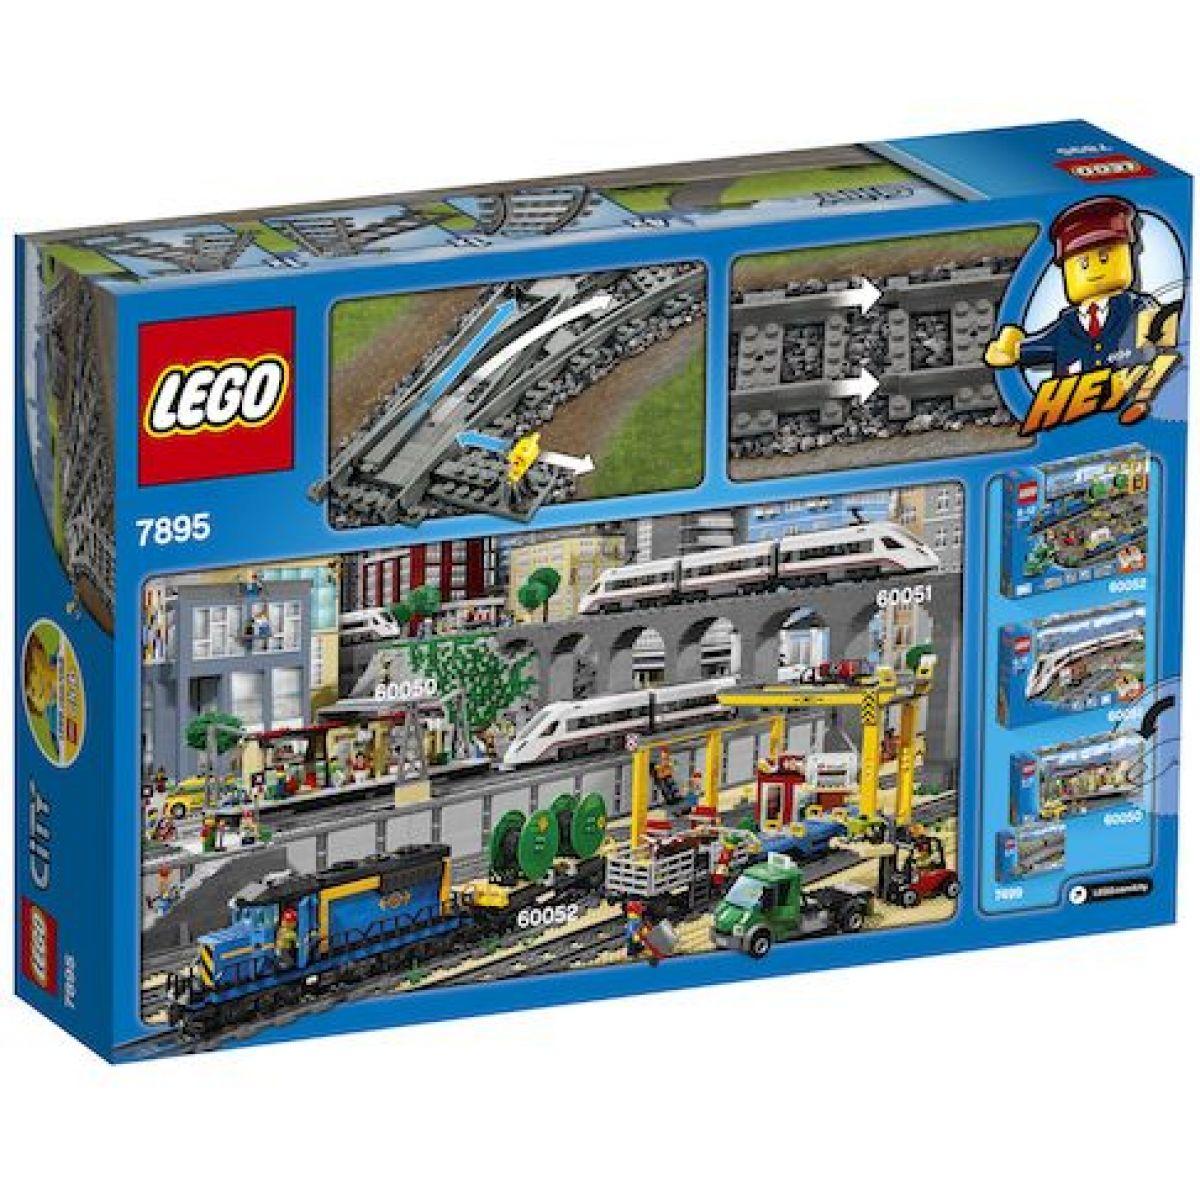 LEGO City 7895 Výhybky #2